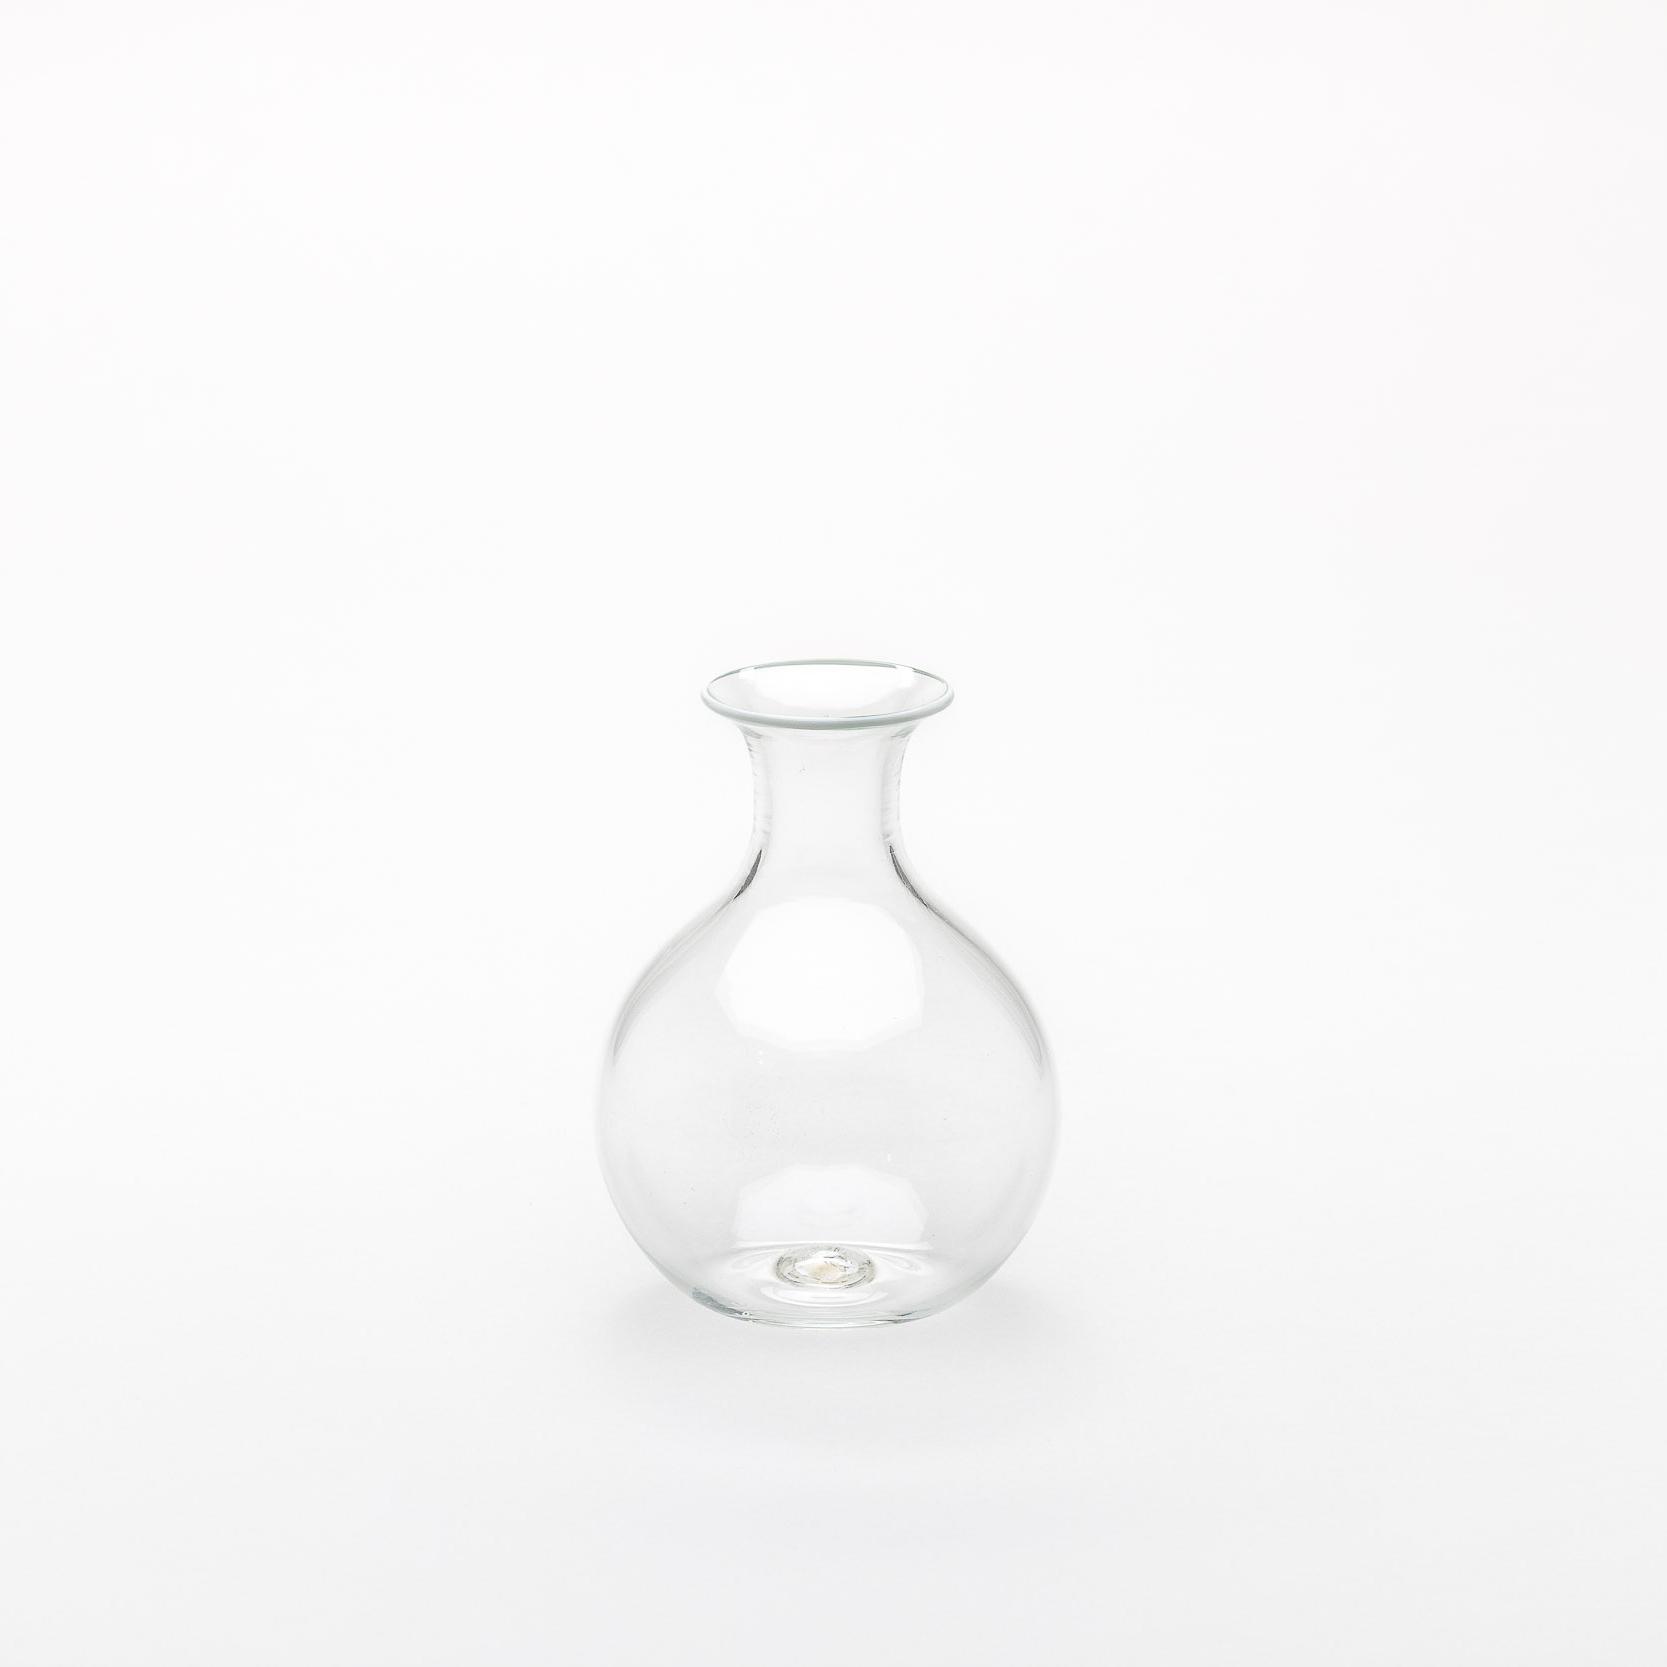 YALI-VESSEL-CRISTALLO-A-BORDO-WHITE-1.jpg